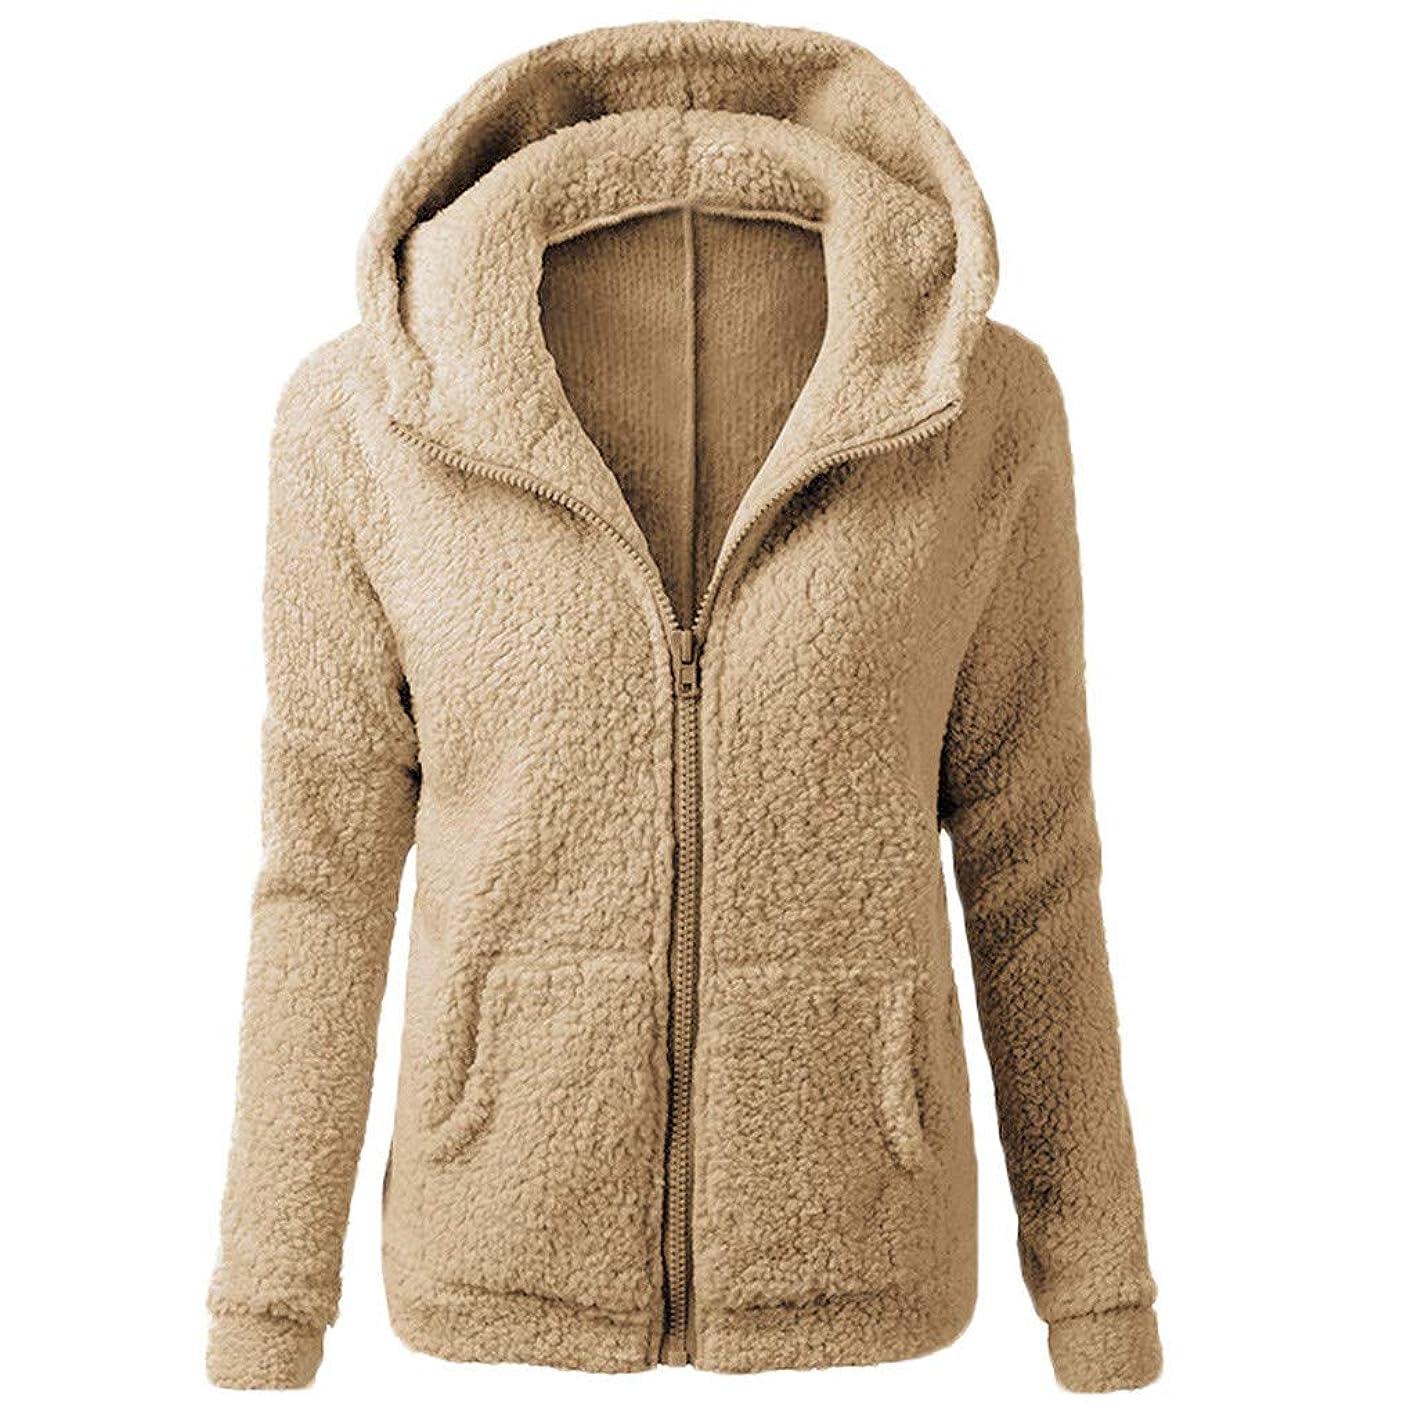 Inverlee Women Hooded Sweater Coat Winter Warm Wool Zipper Coat Cotton Coat Outwear huprccianem490